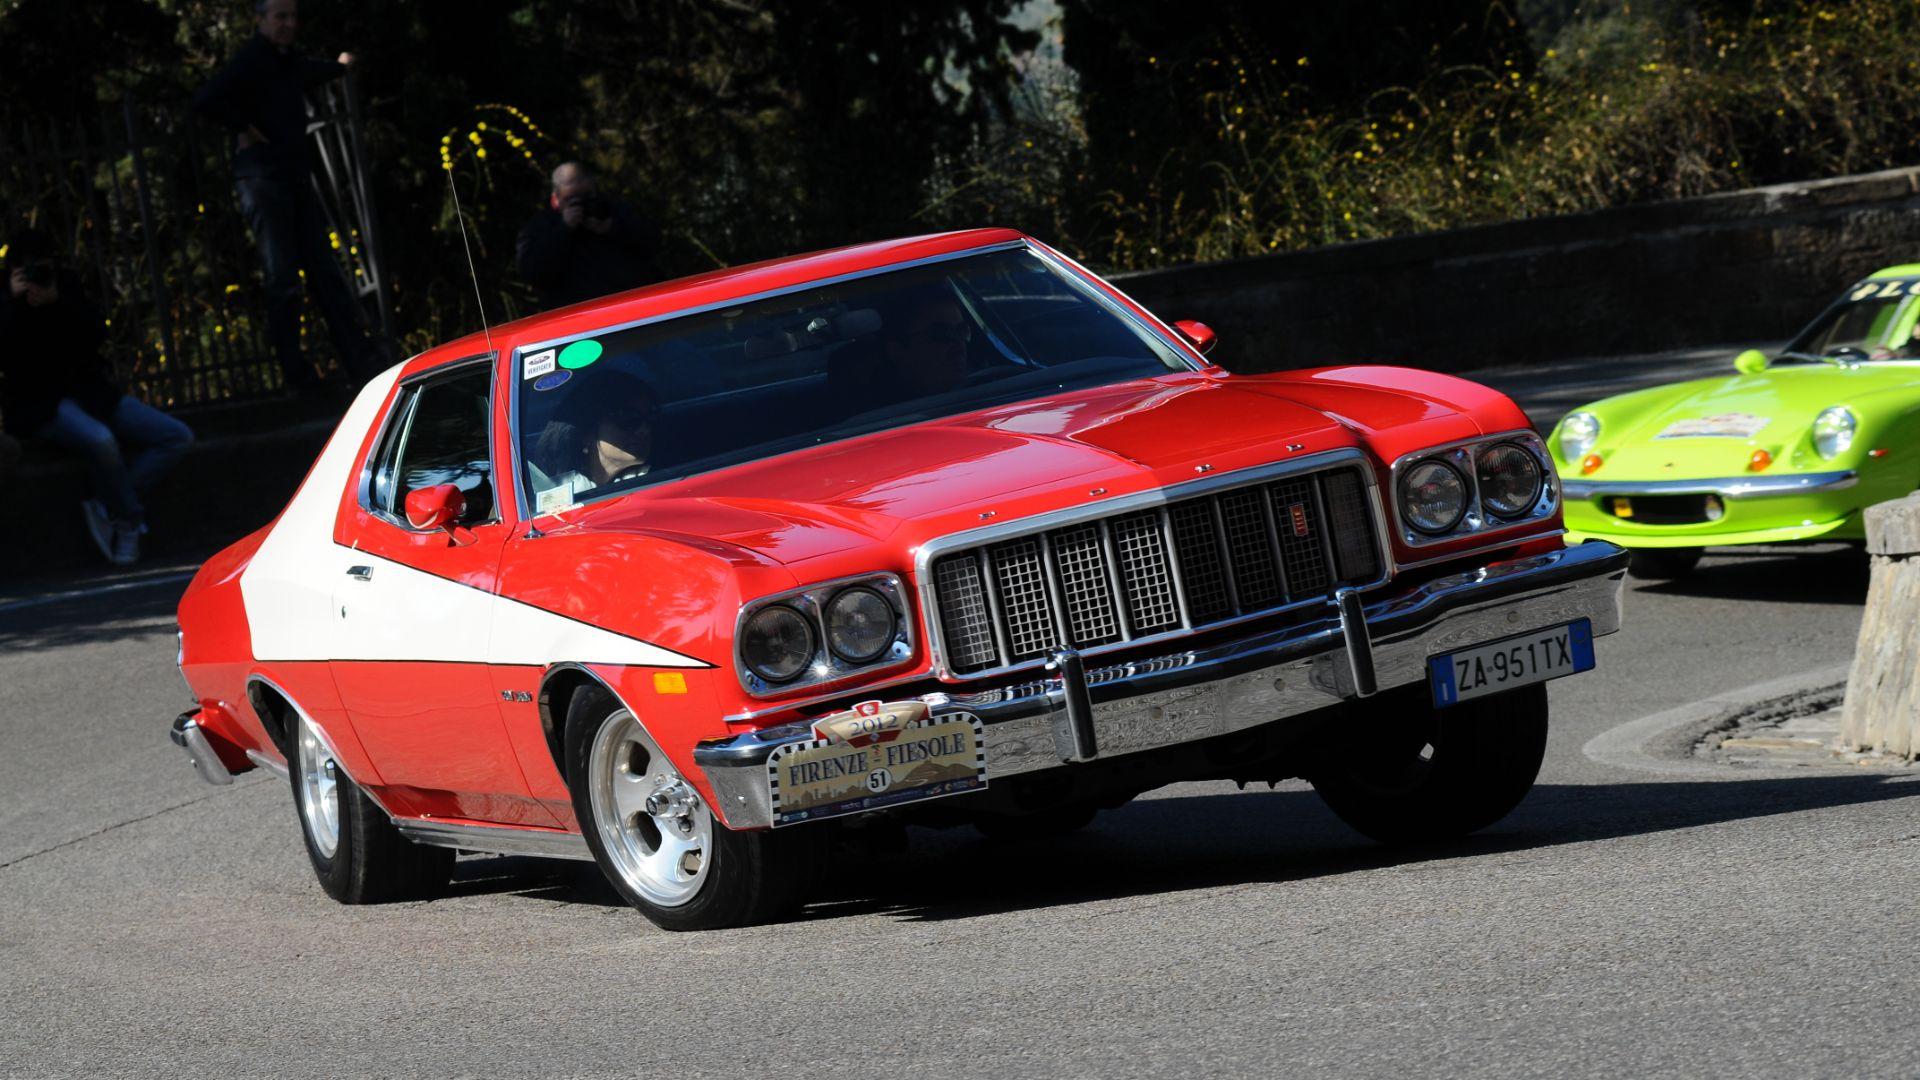 Favourite movie cars